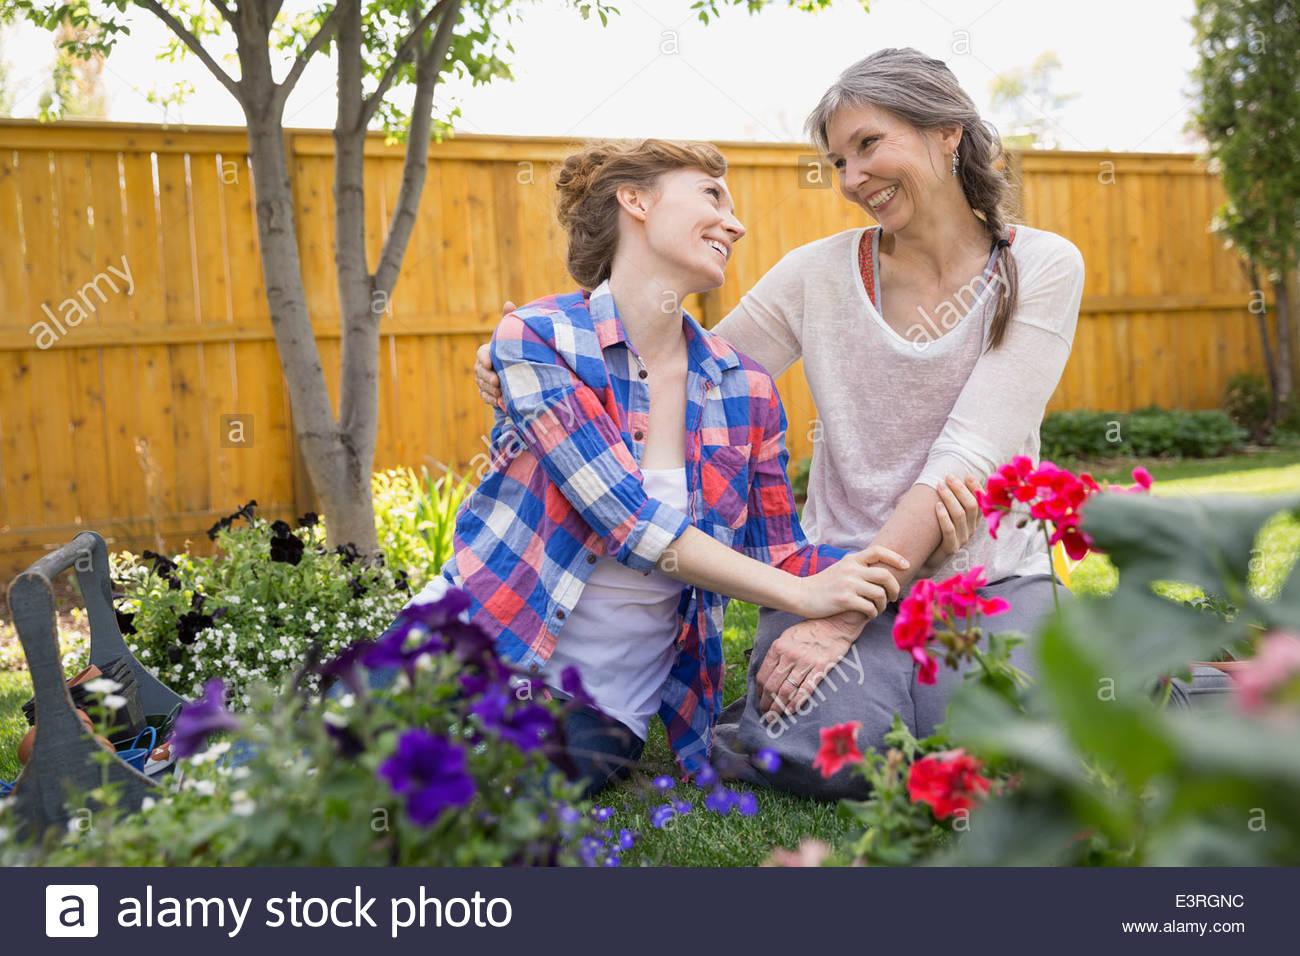 Mère et fille affectueuse planter des fleurs dans le jardin Photo Stock